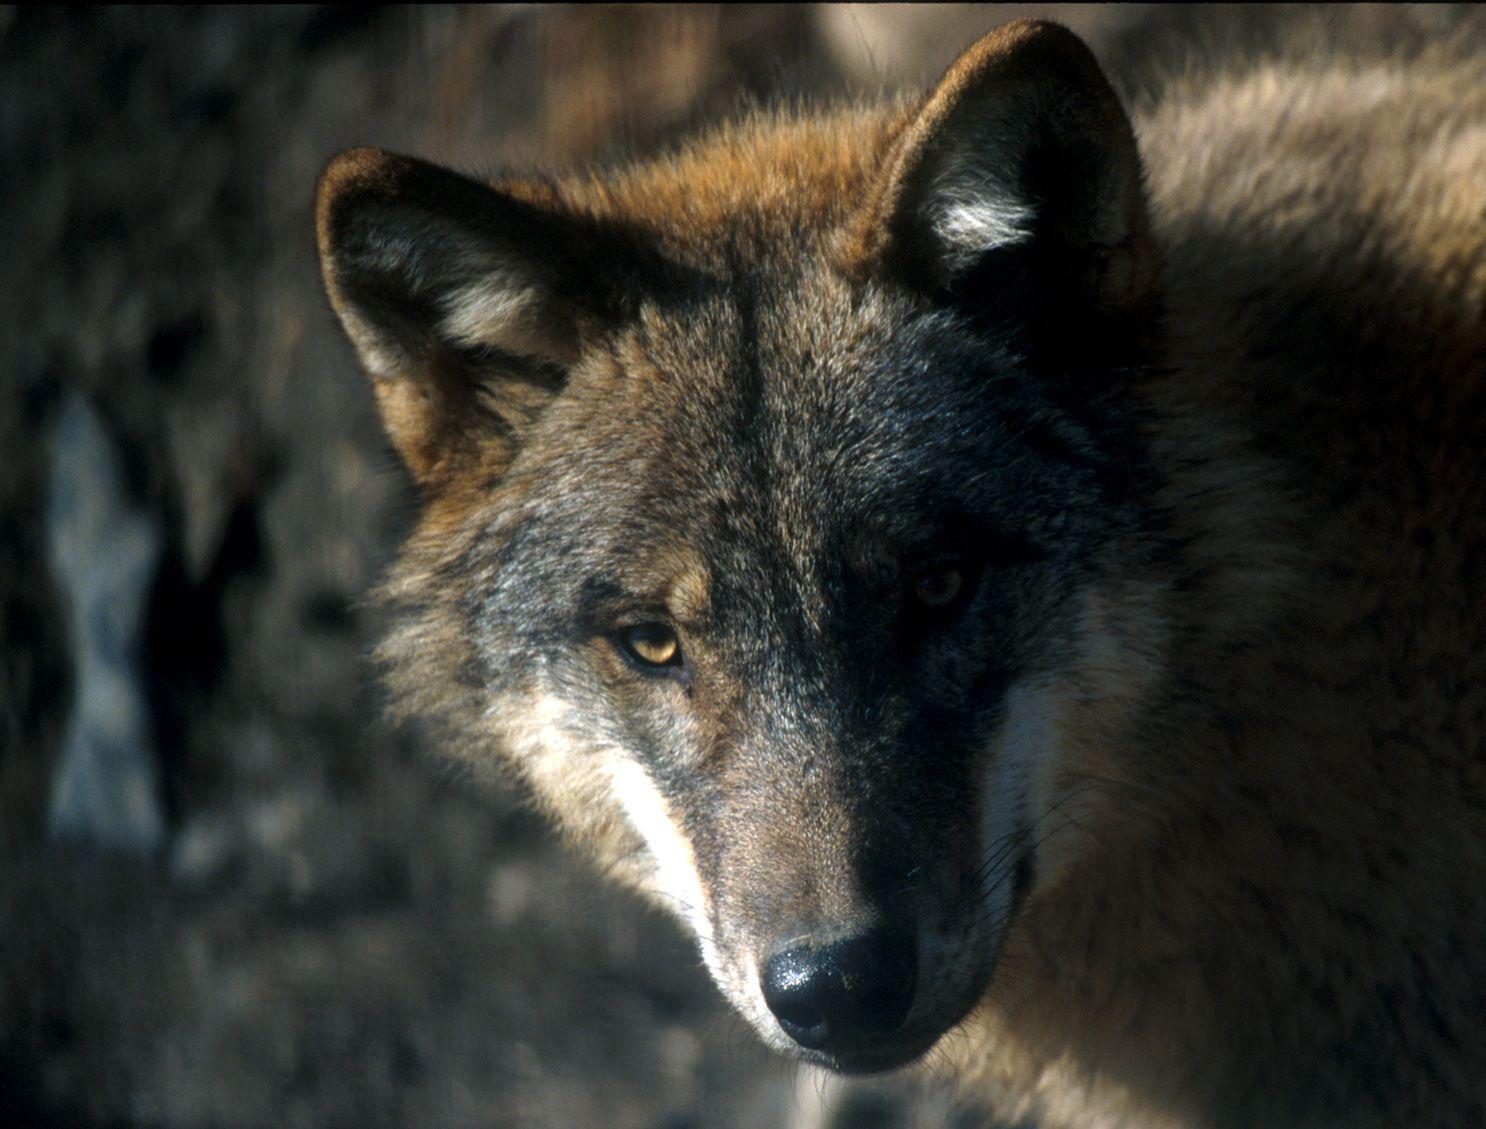 CANAVESE - Coldiretti chiede interventi per limitare i lupi e salvare mucche, pecore e capre